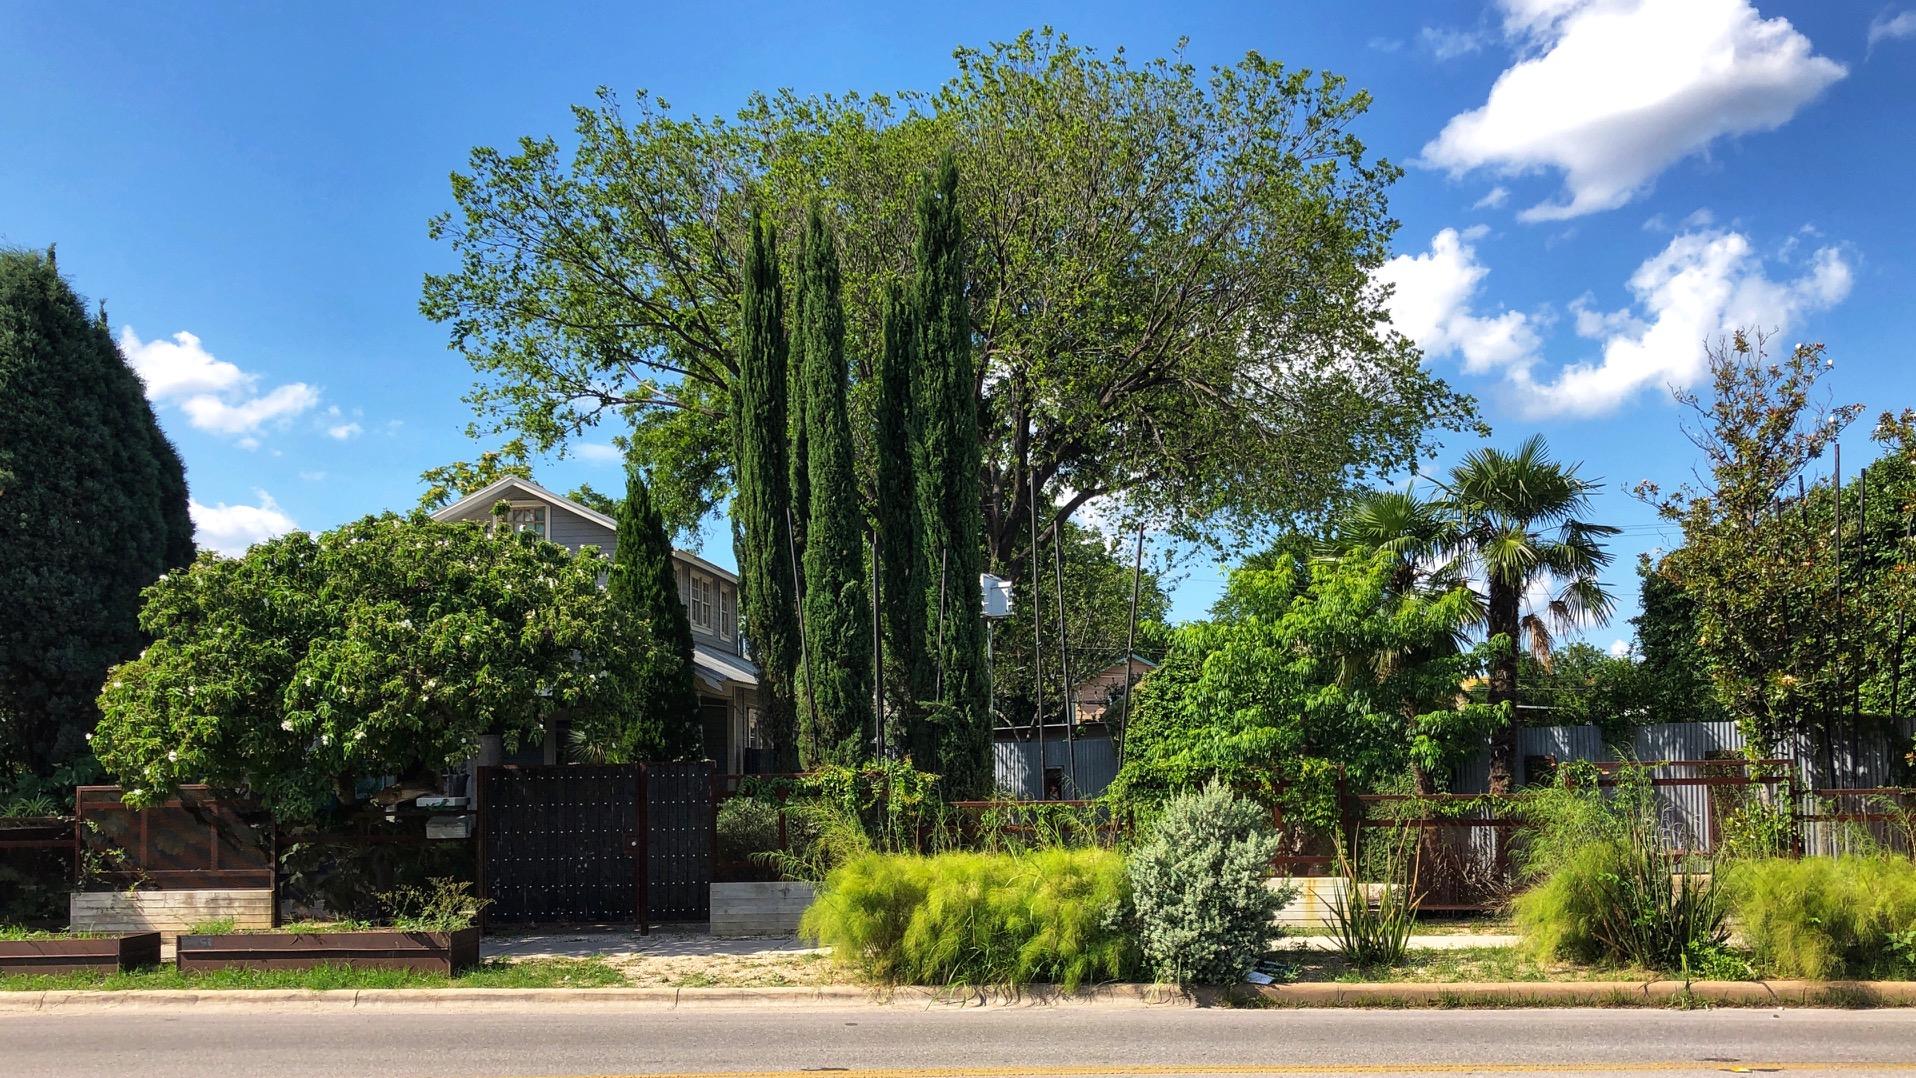 1102 East Street View.JPG